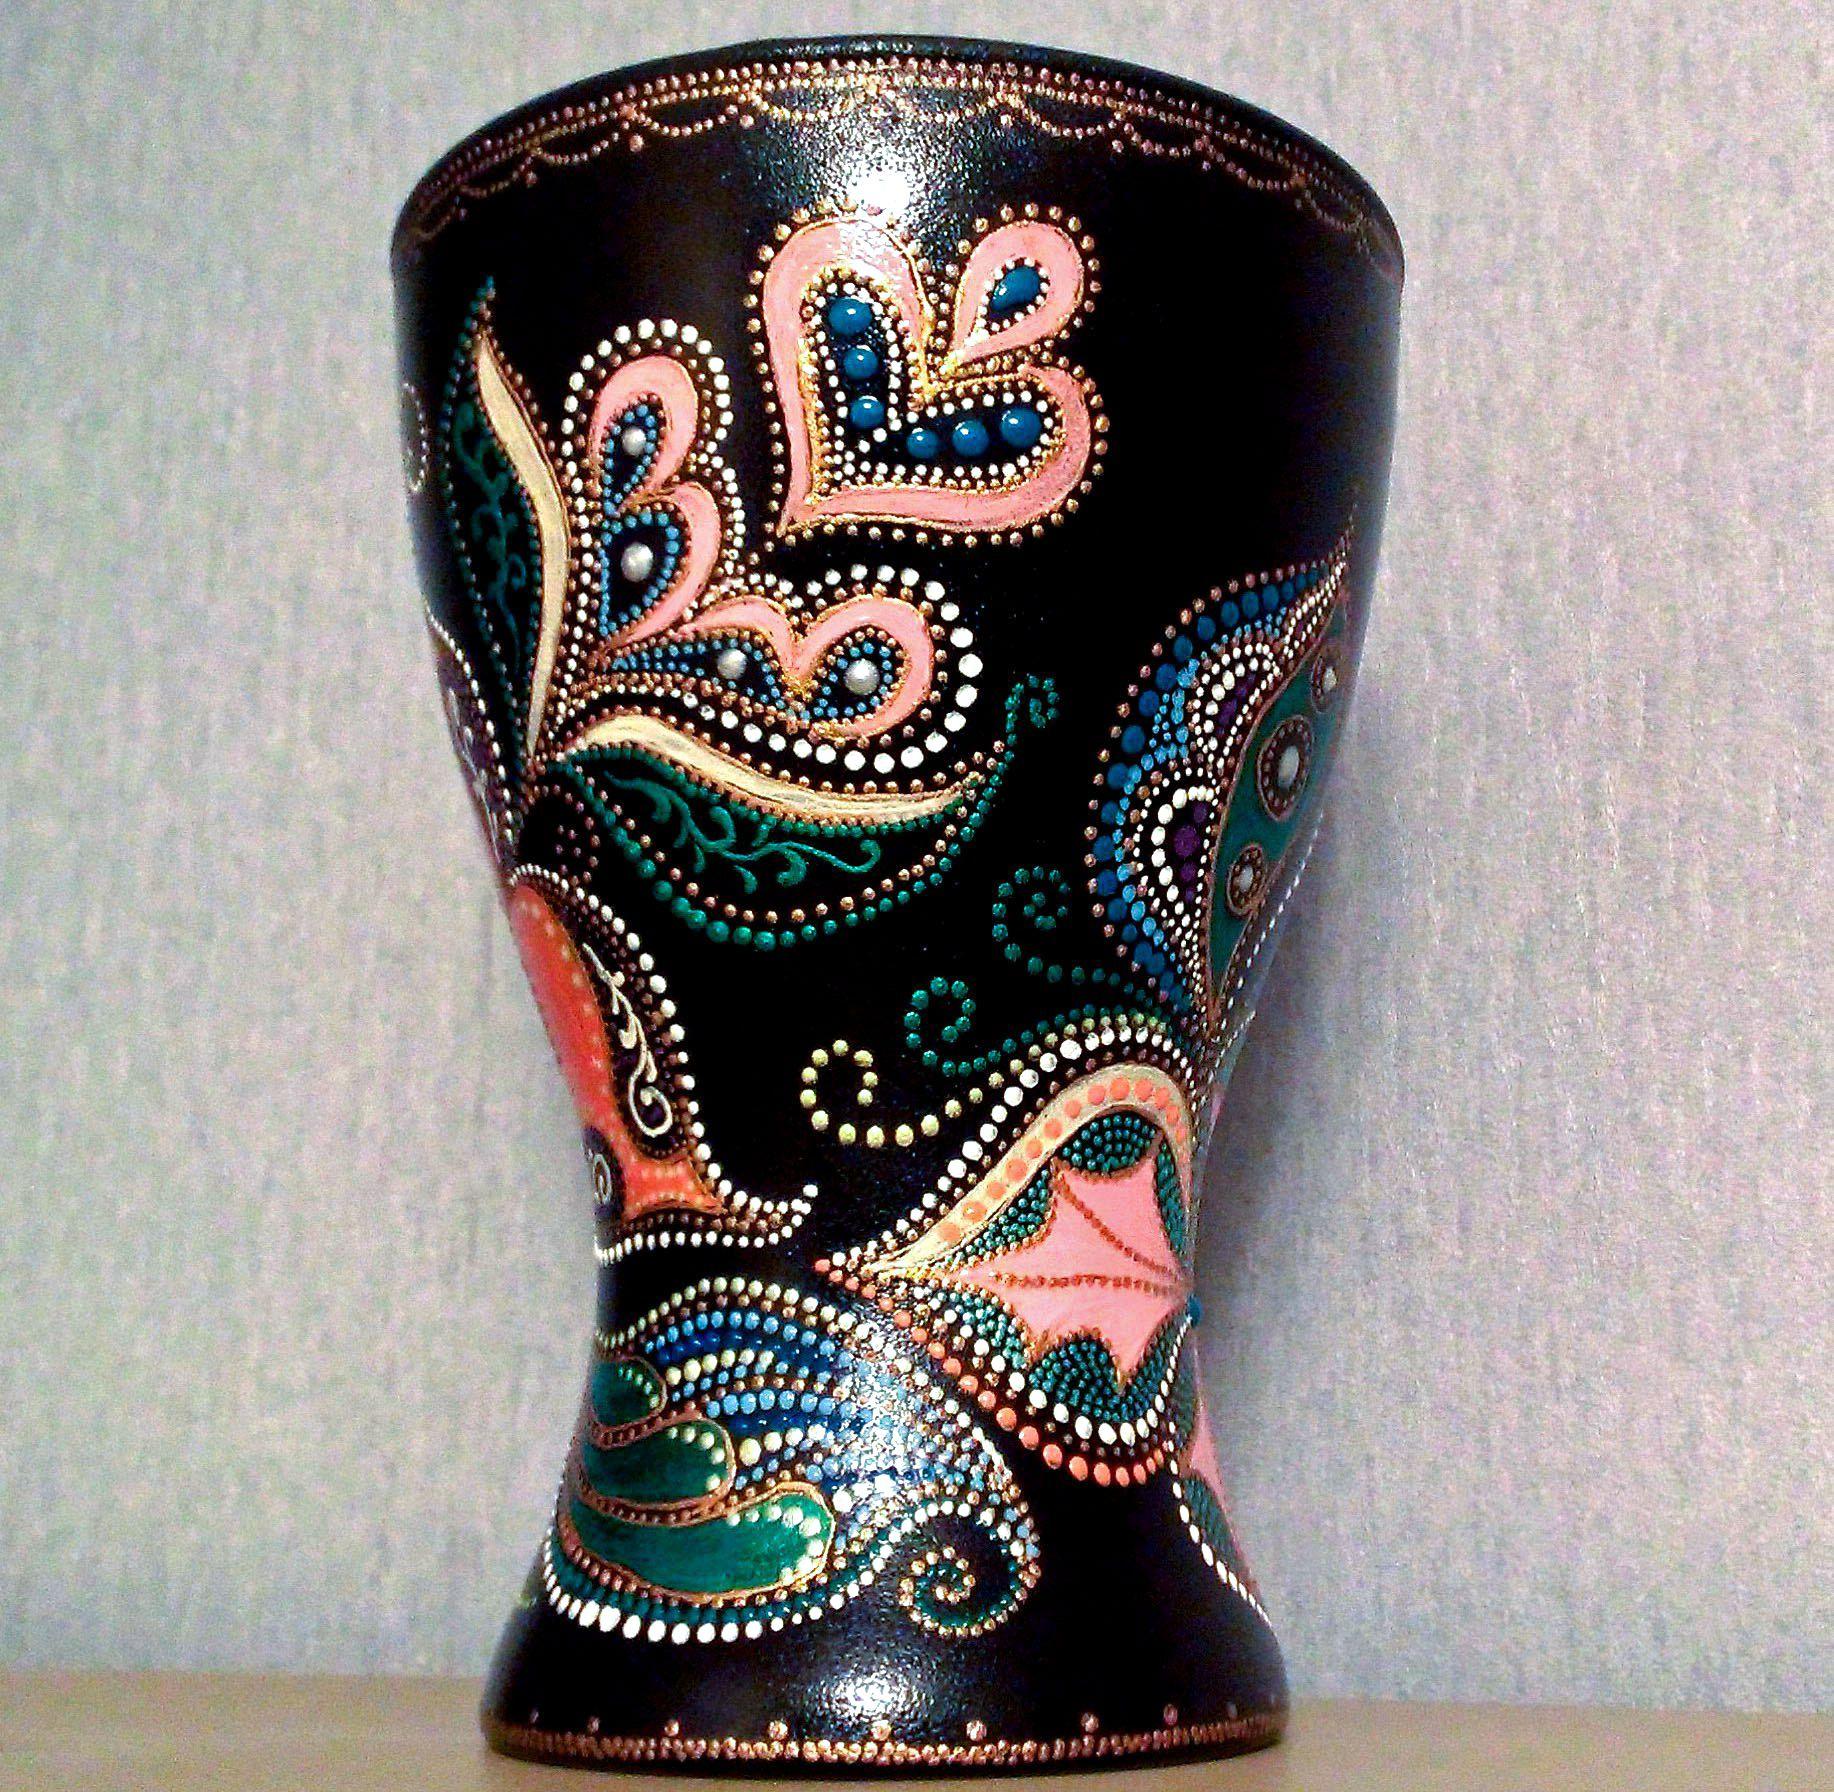 ручнаяработа подарок декор точечнаяроспись восточные ваза handmade узоры декоративнаяваза южнаяфантазия цветы